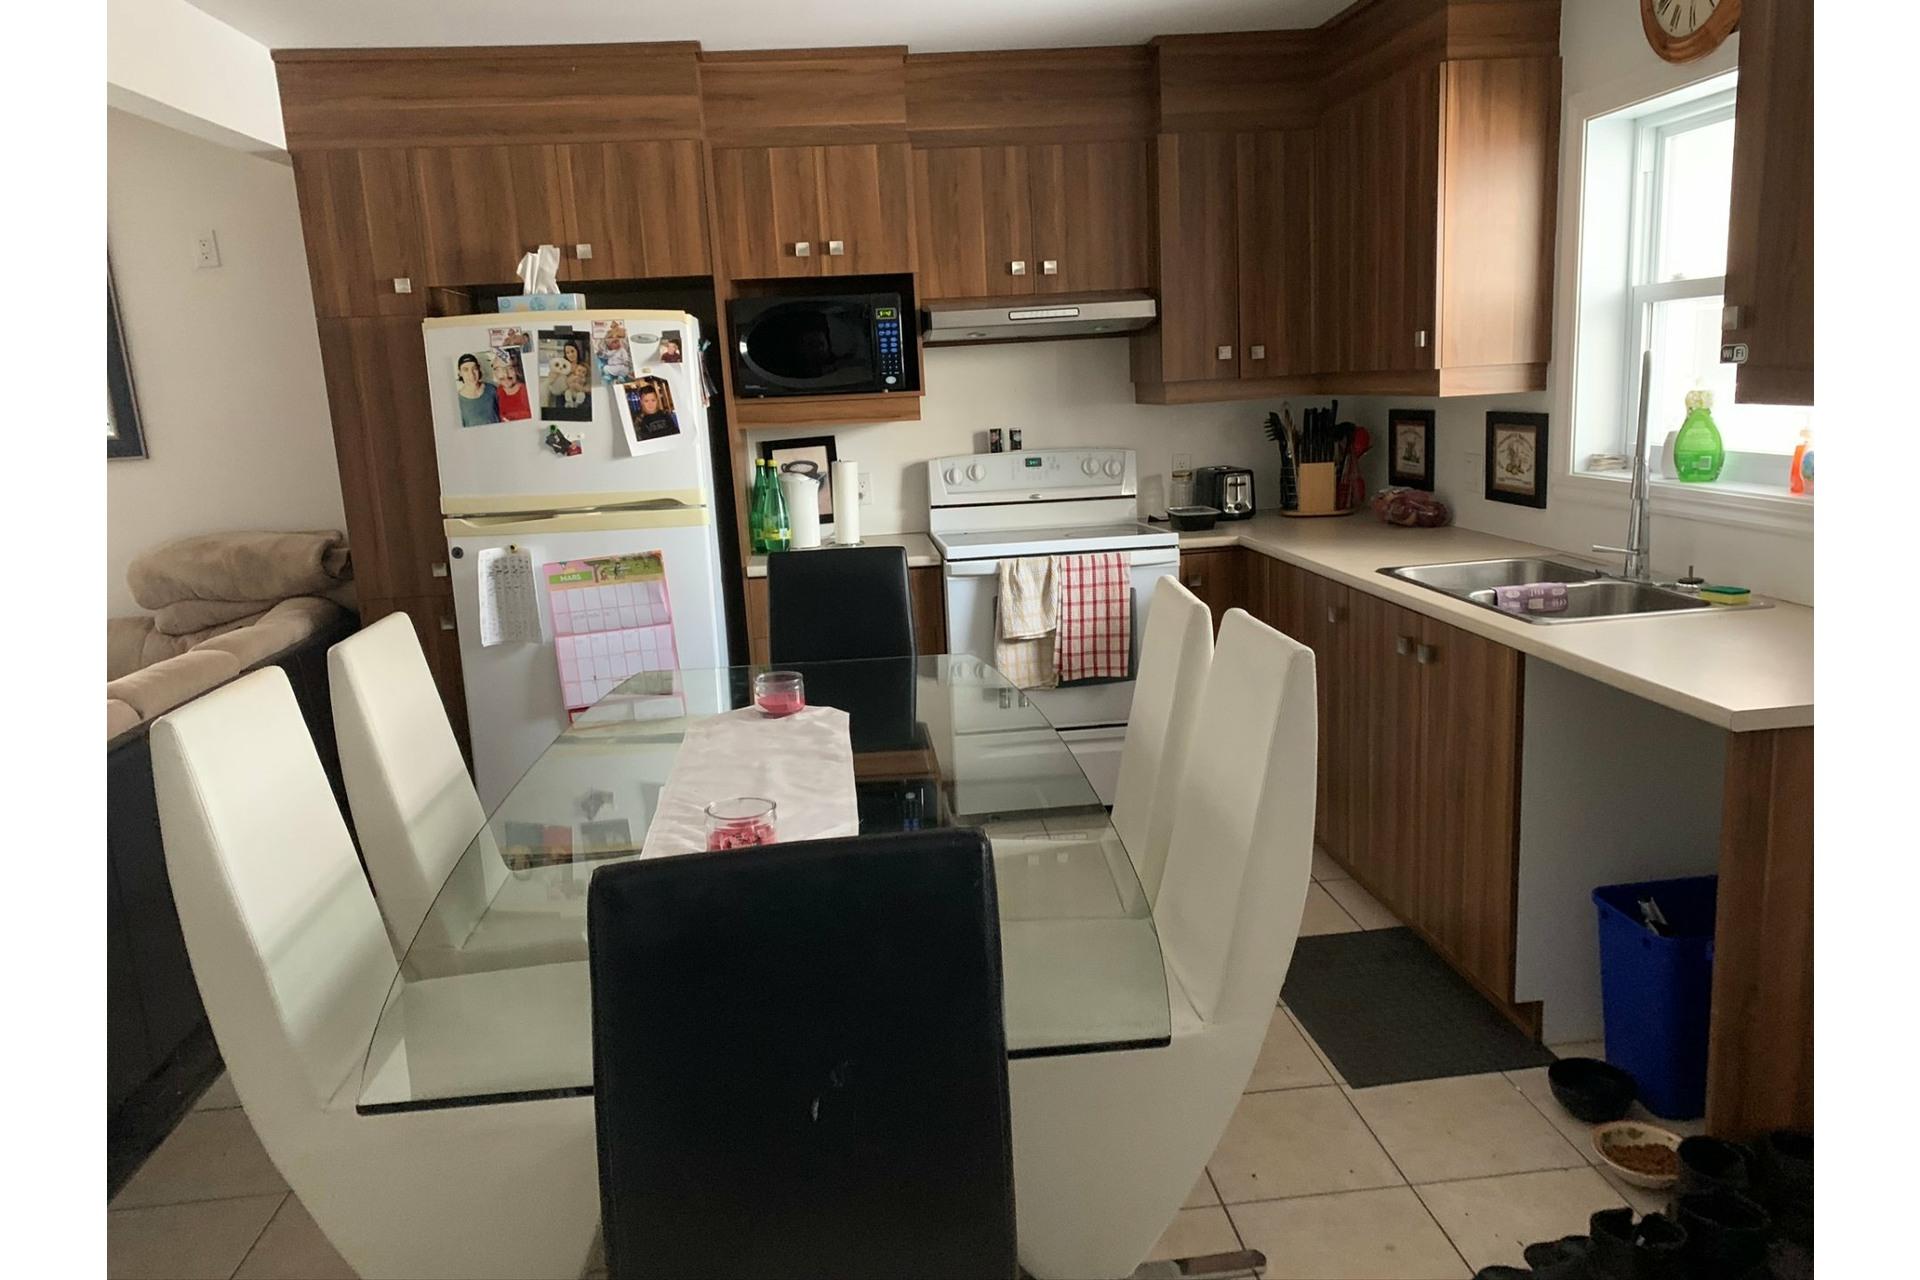 image 4 - Duplex For sale Trois-Rivières - 6 rooms